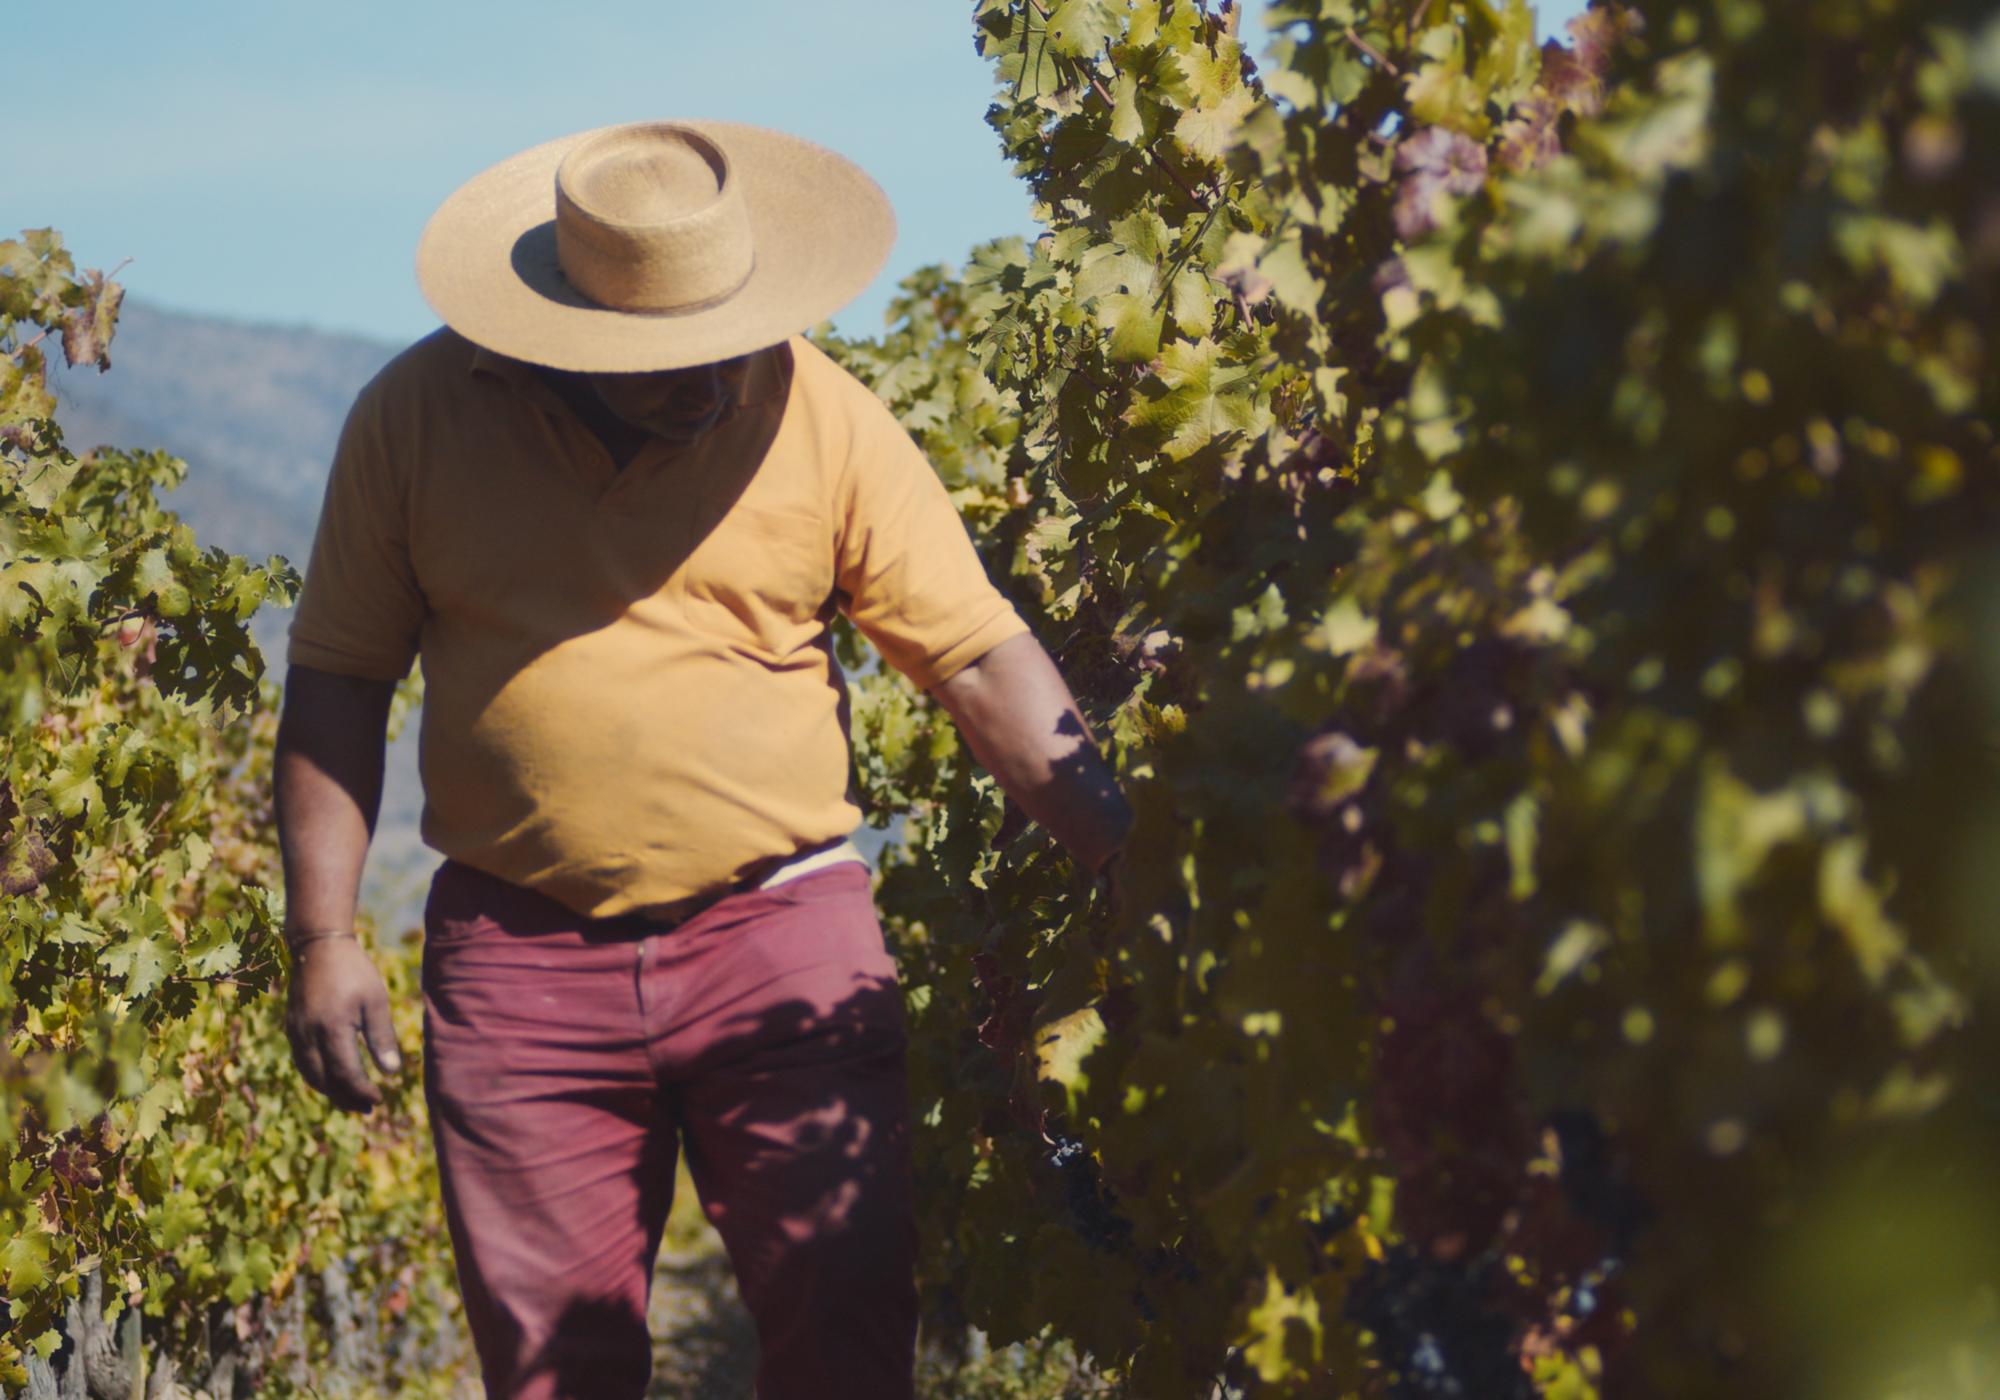 Otoño, tiempo de vendimia y para aprender sobre el vino biodinámico